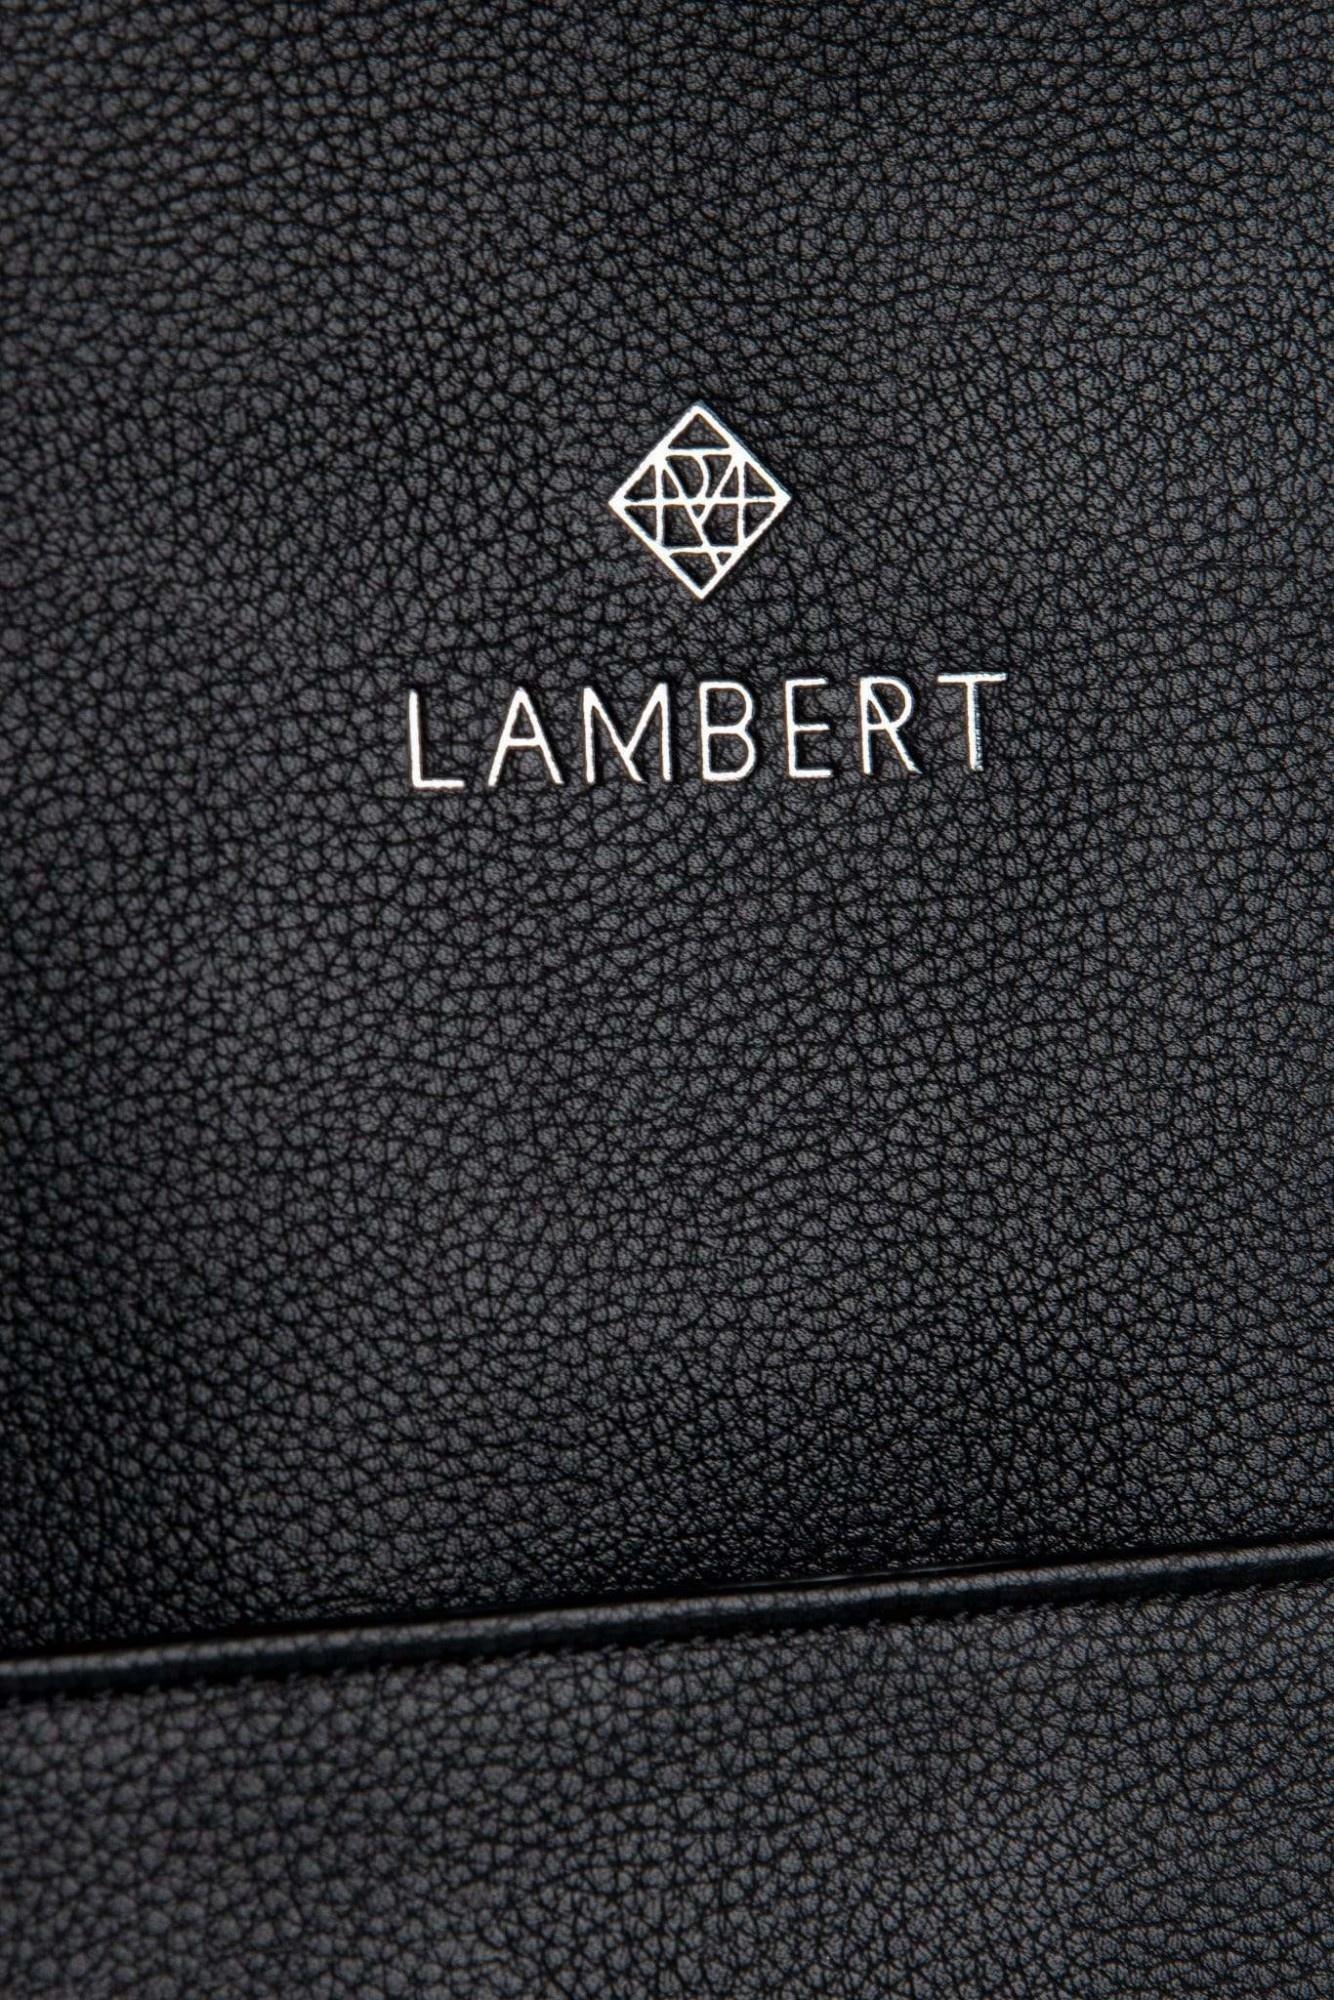 Lambert CHARLOTTE - Sac à dos en cuir vegan noir pour femme